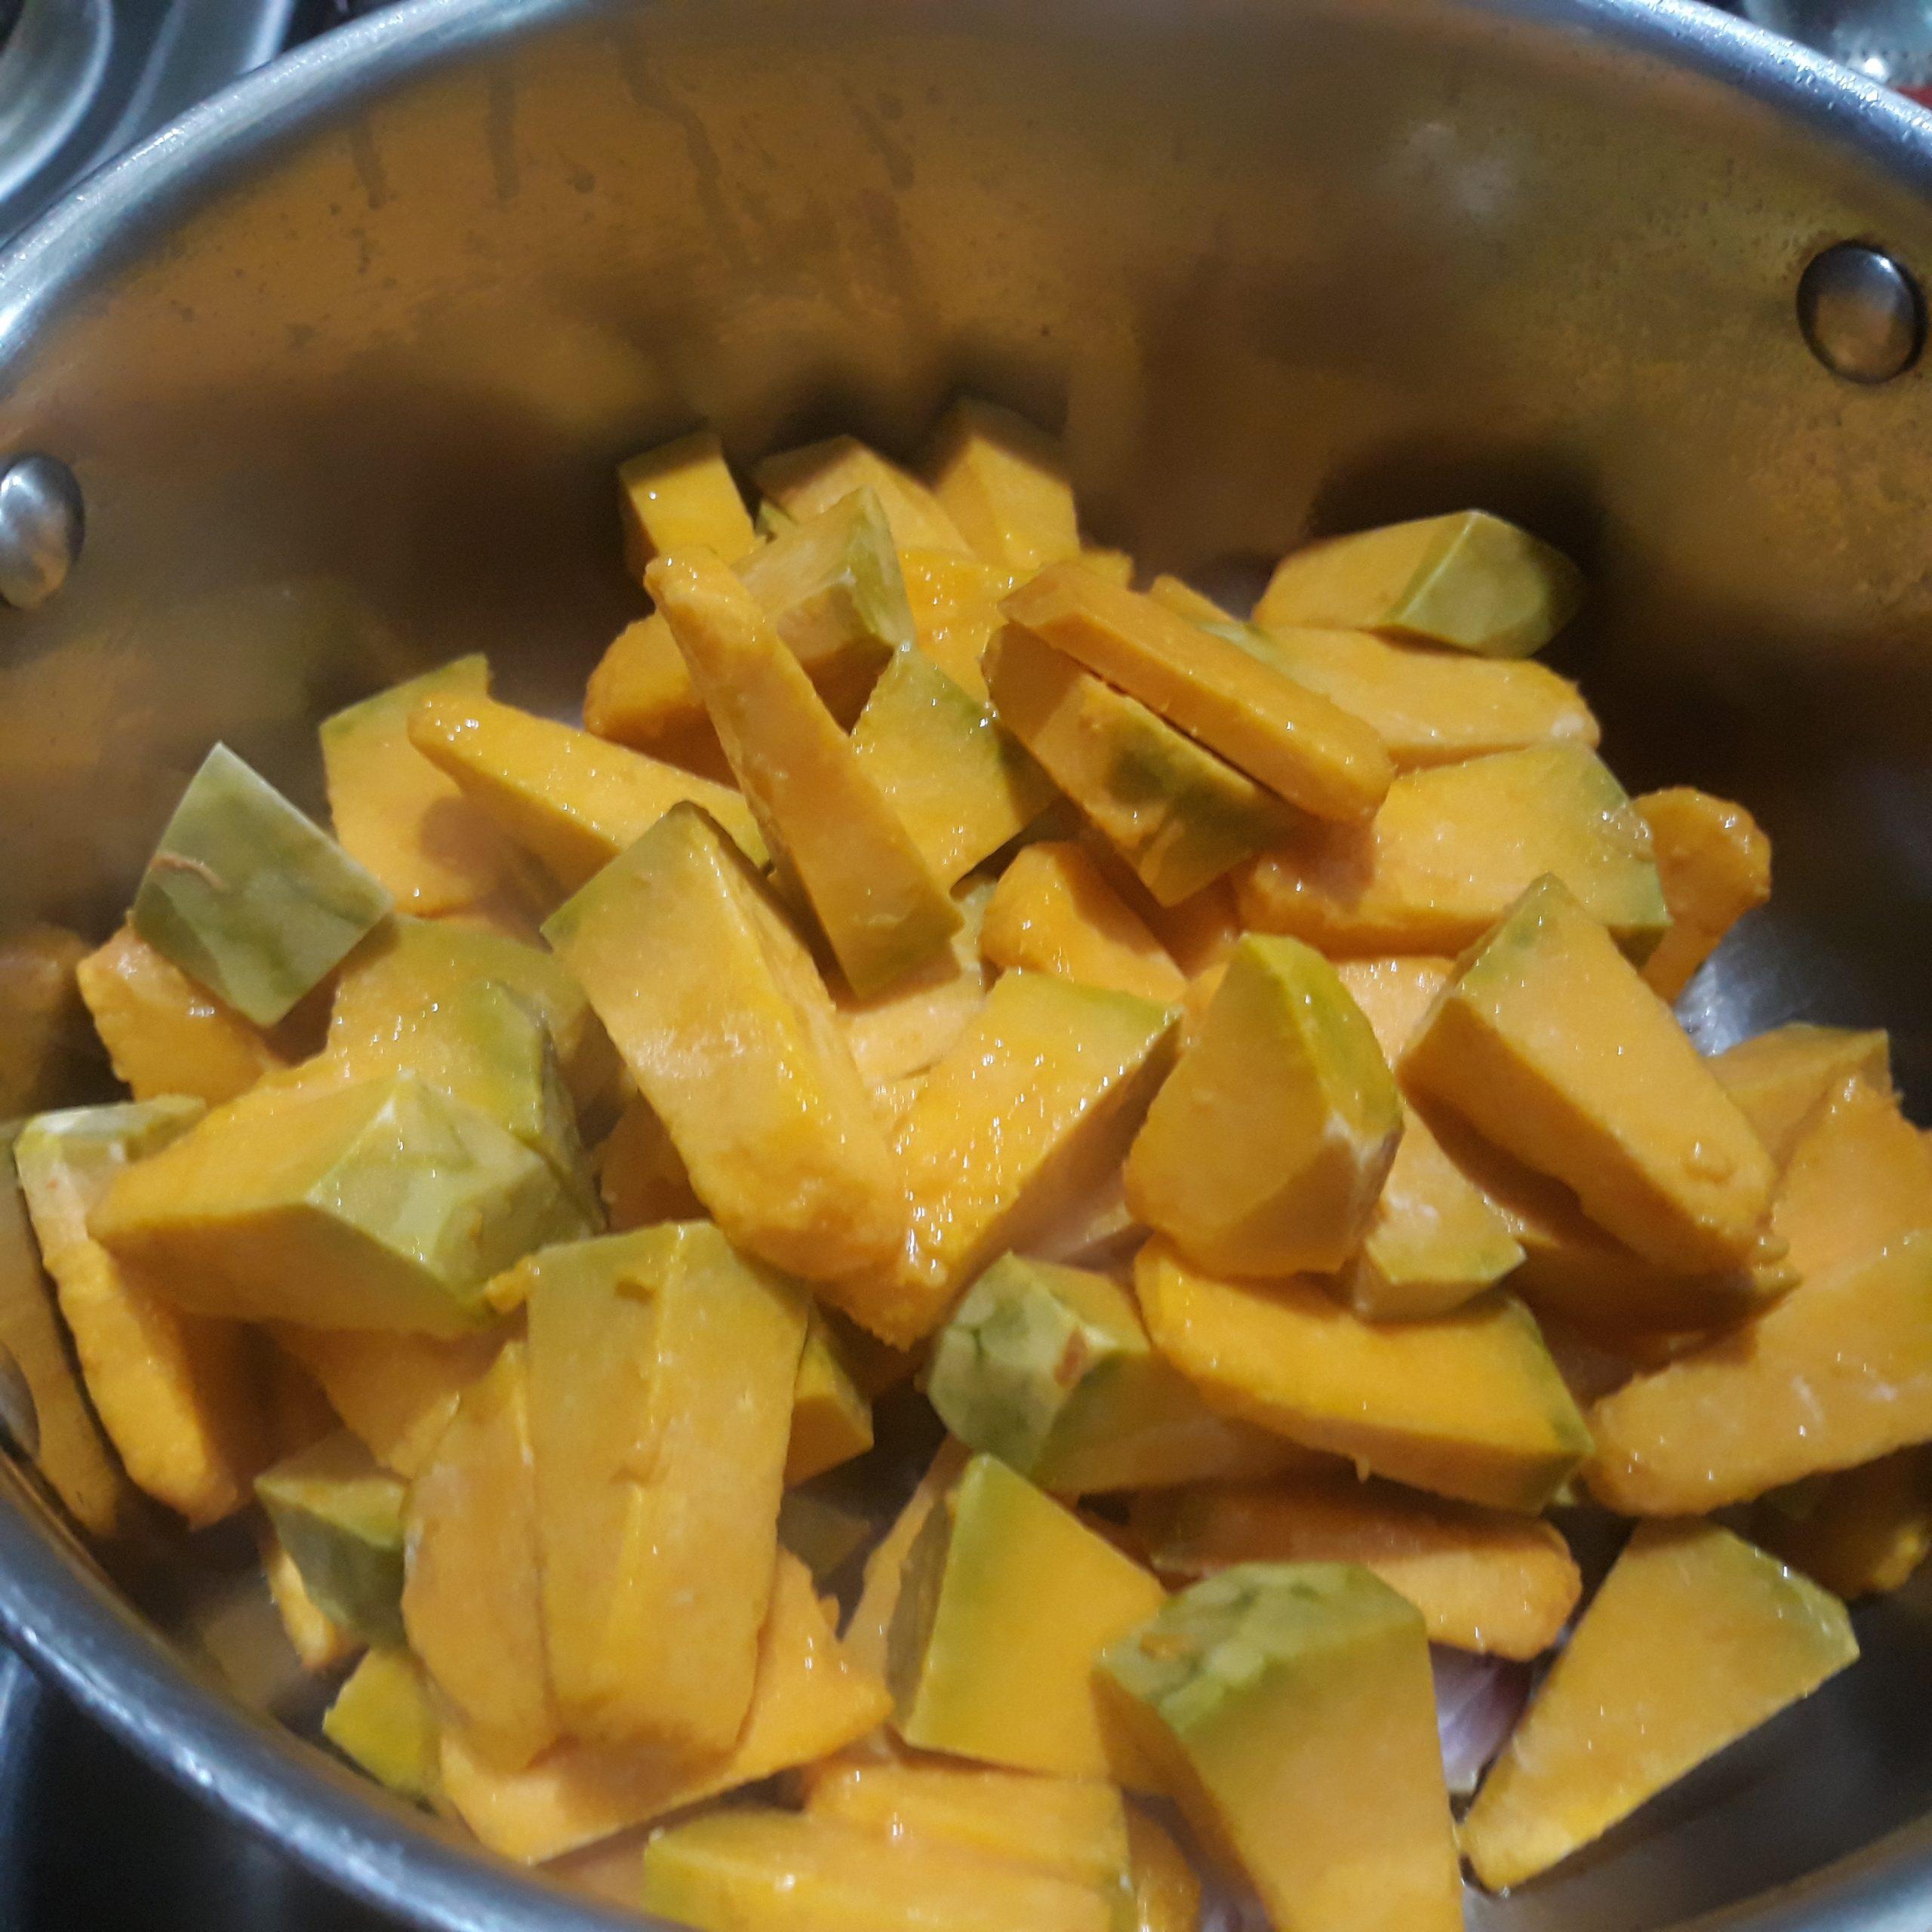 Pieces of kalabasa in a pan.